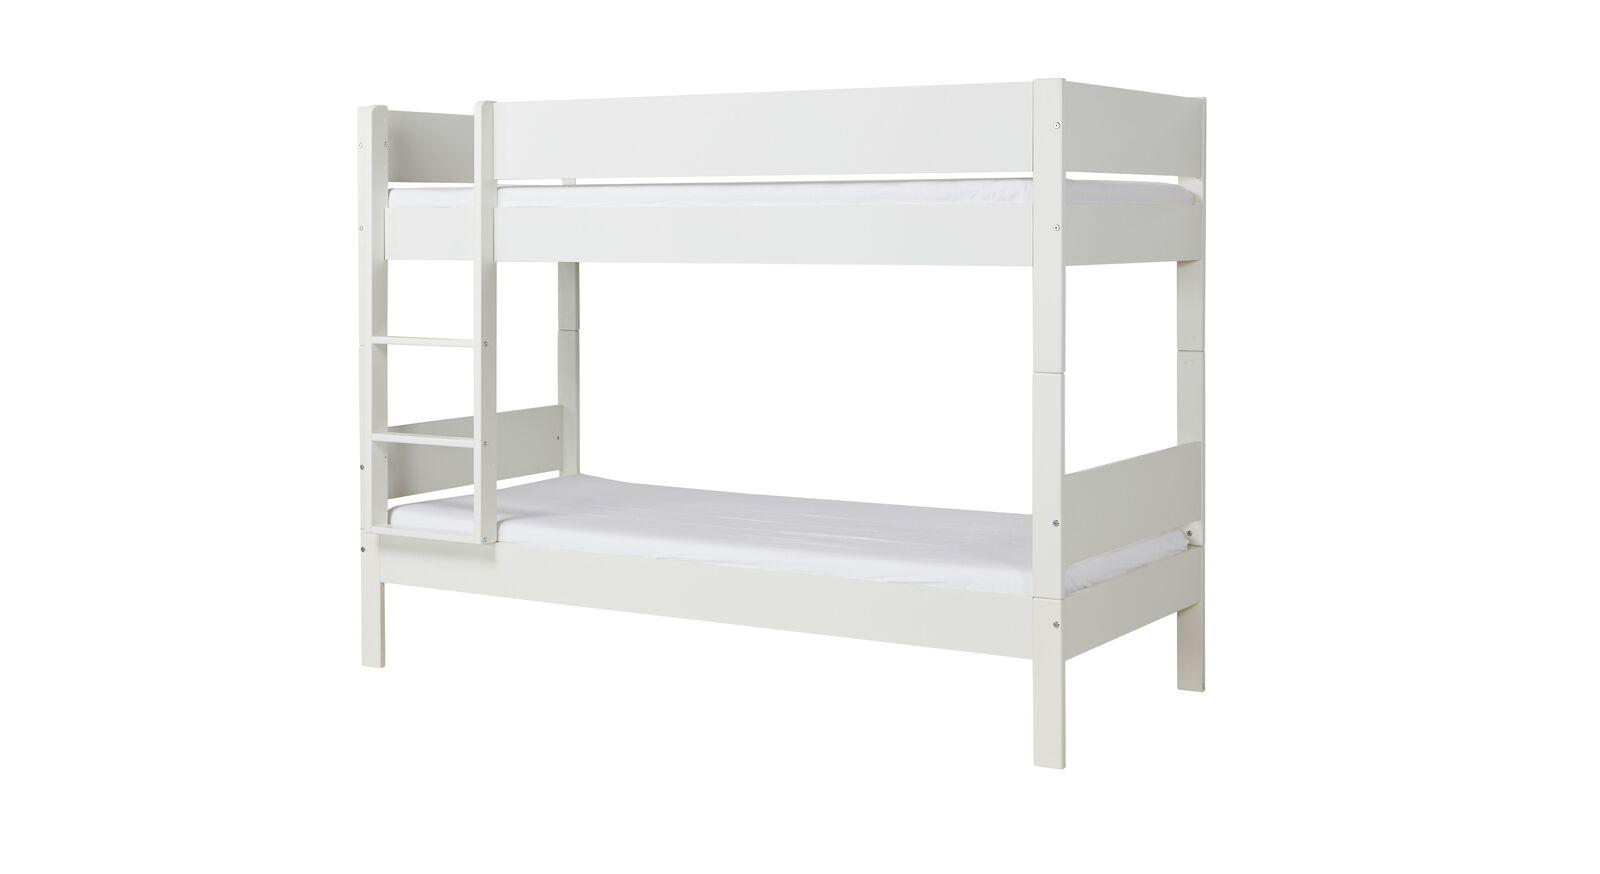 Etagenbett Tacora aus weiß lackiertem MDF